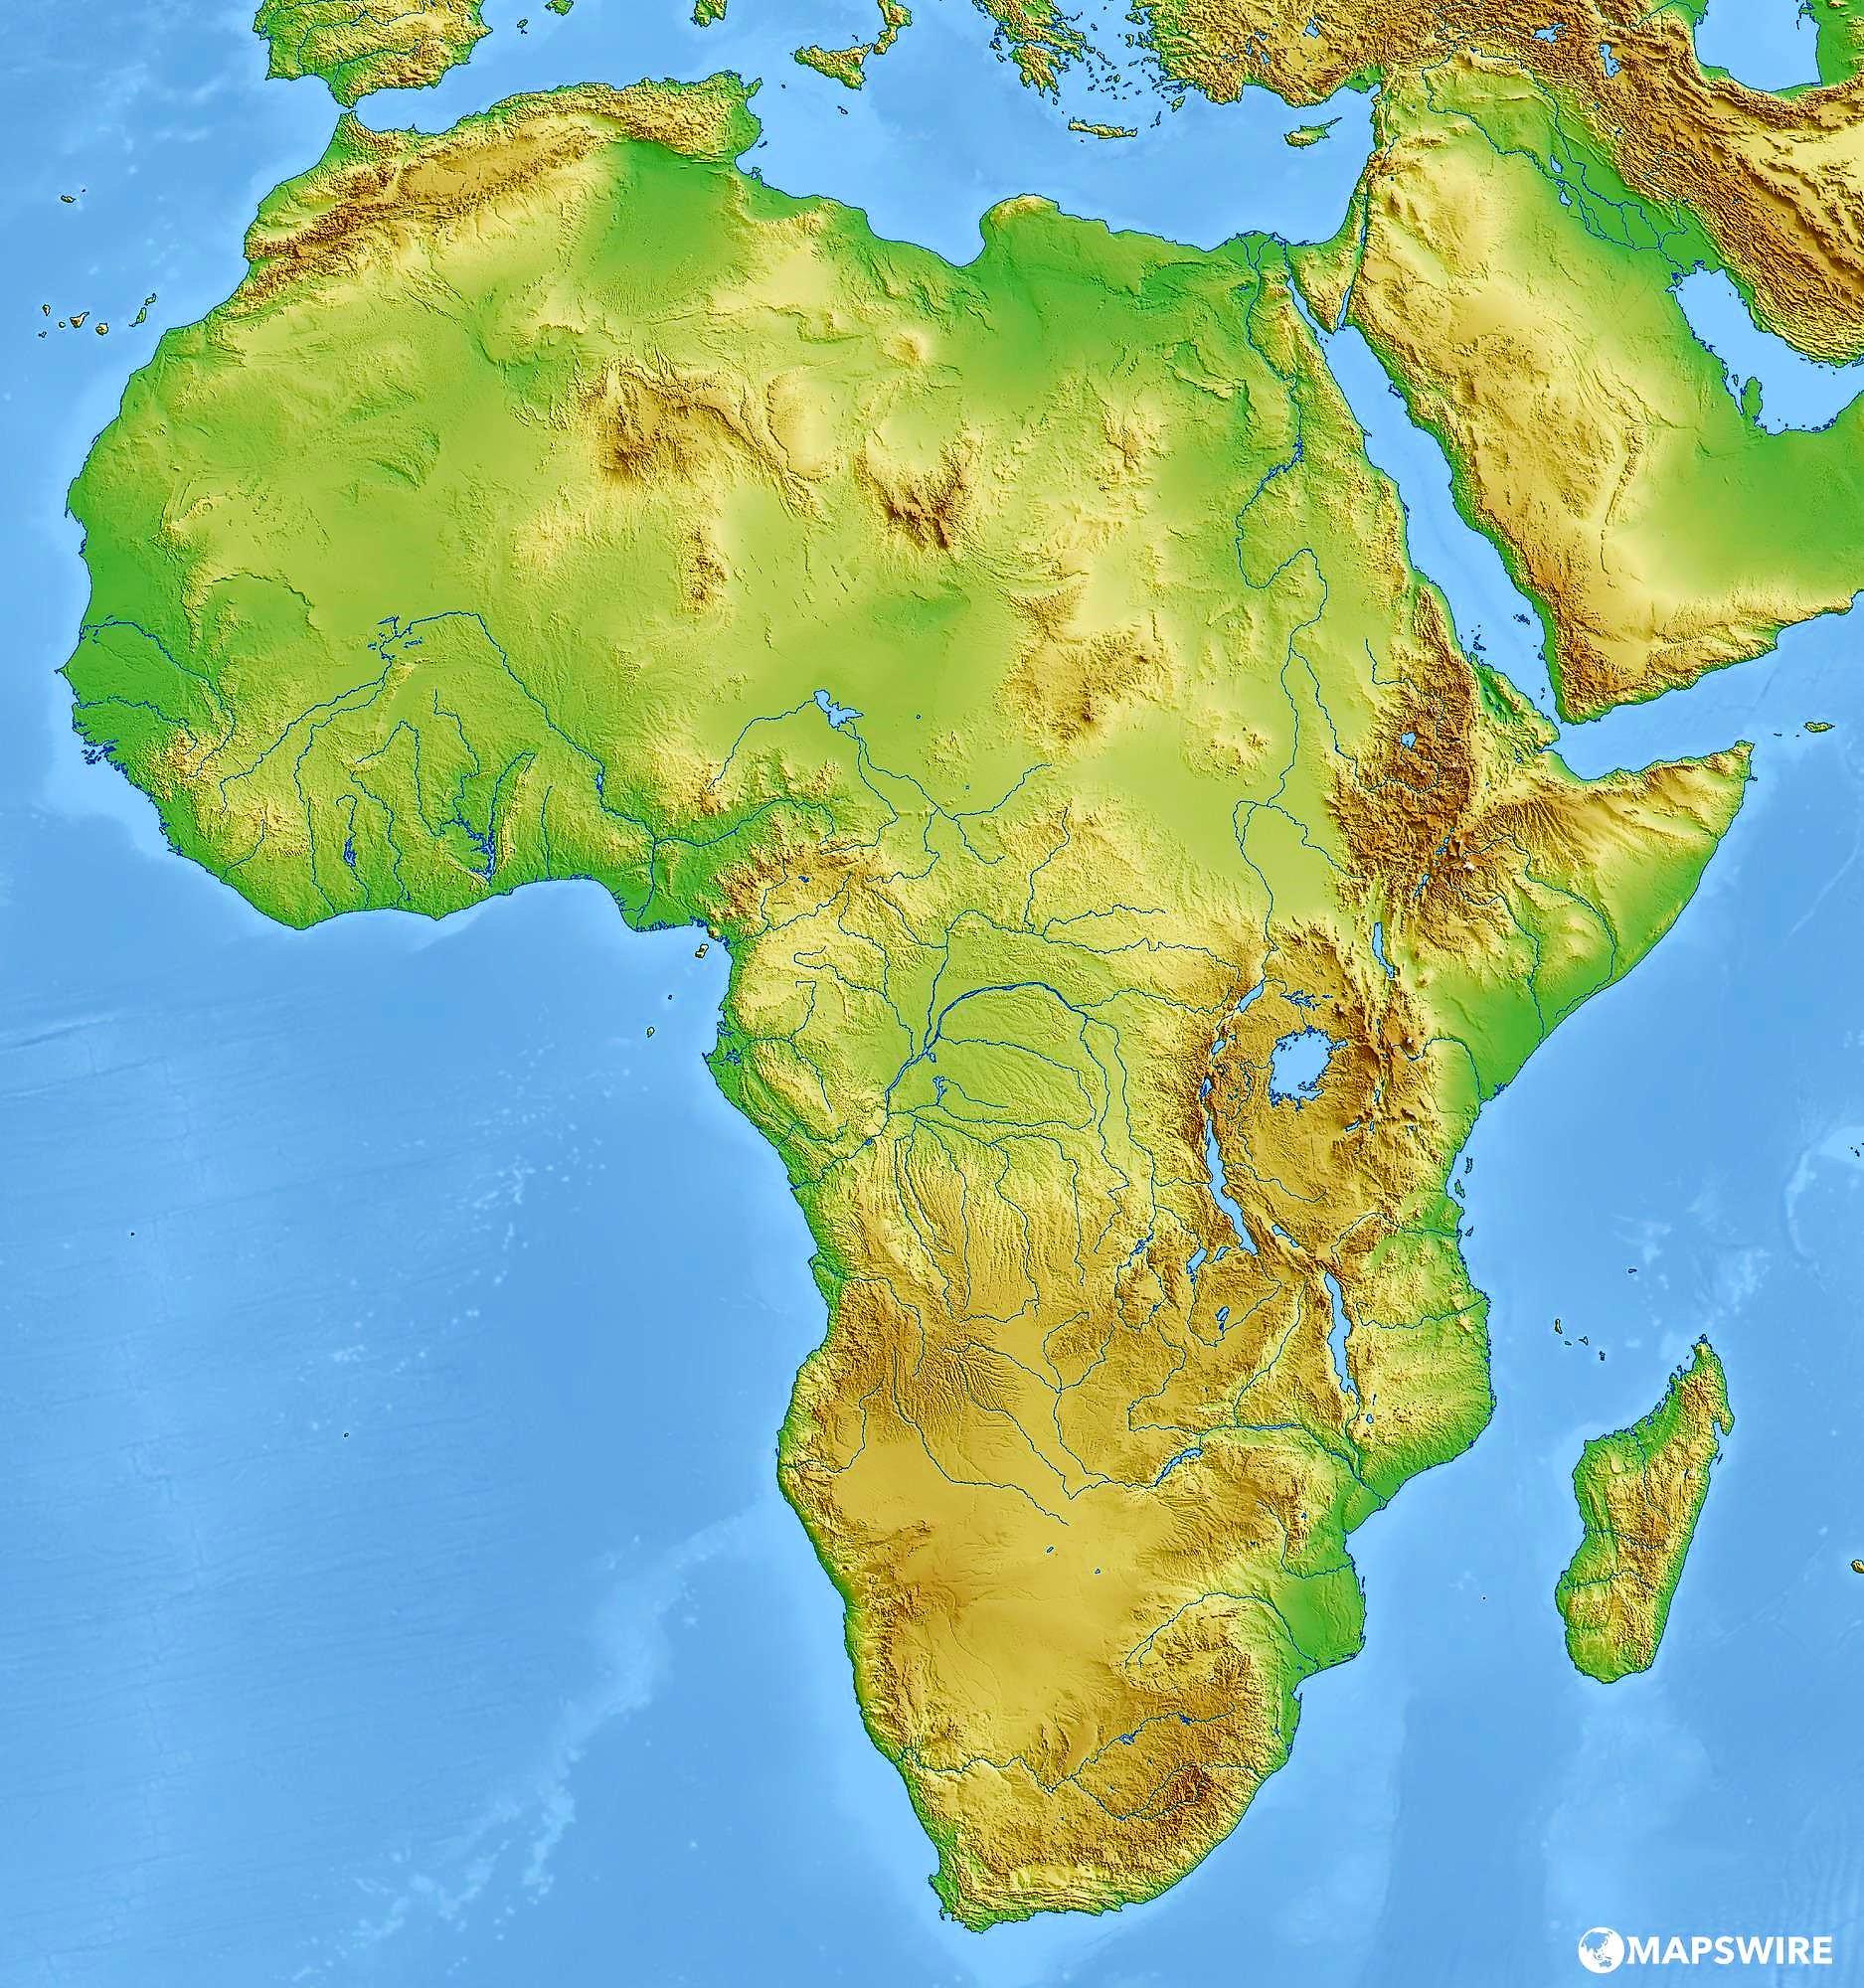 Juegos De Geografía Juego De Mapa Físico De áfrica 6 Cerebriti